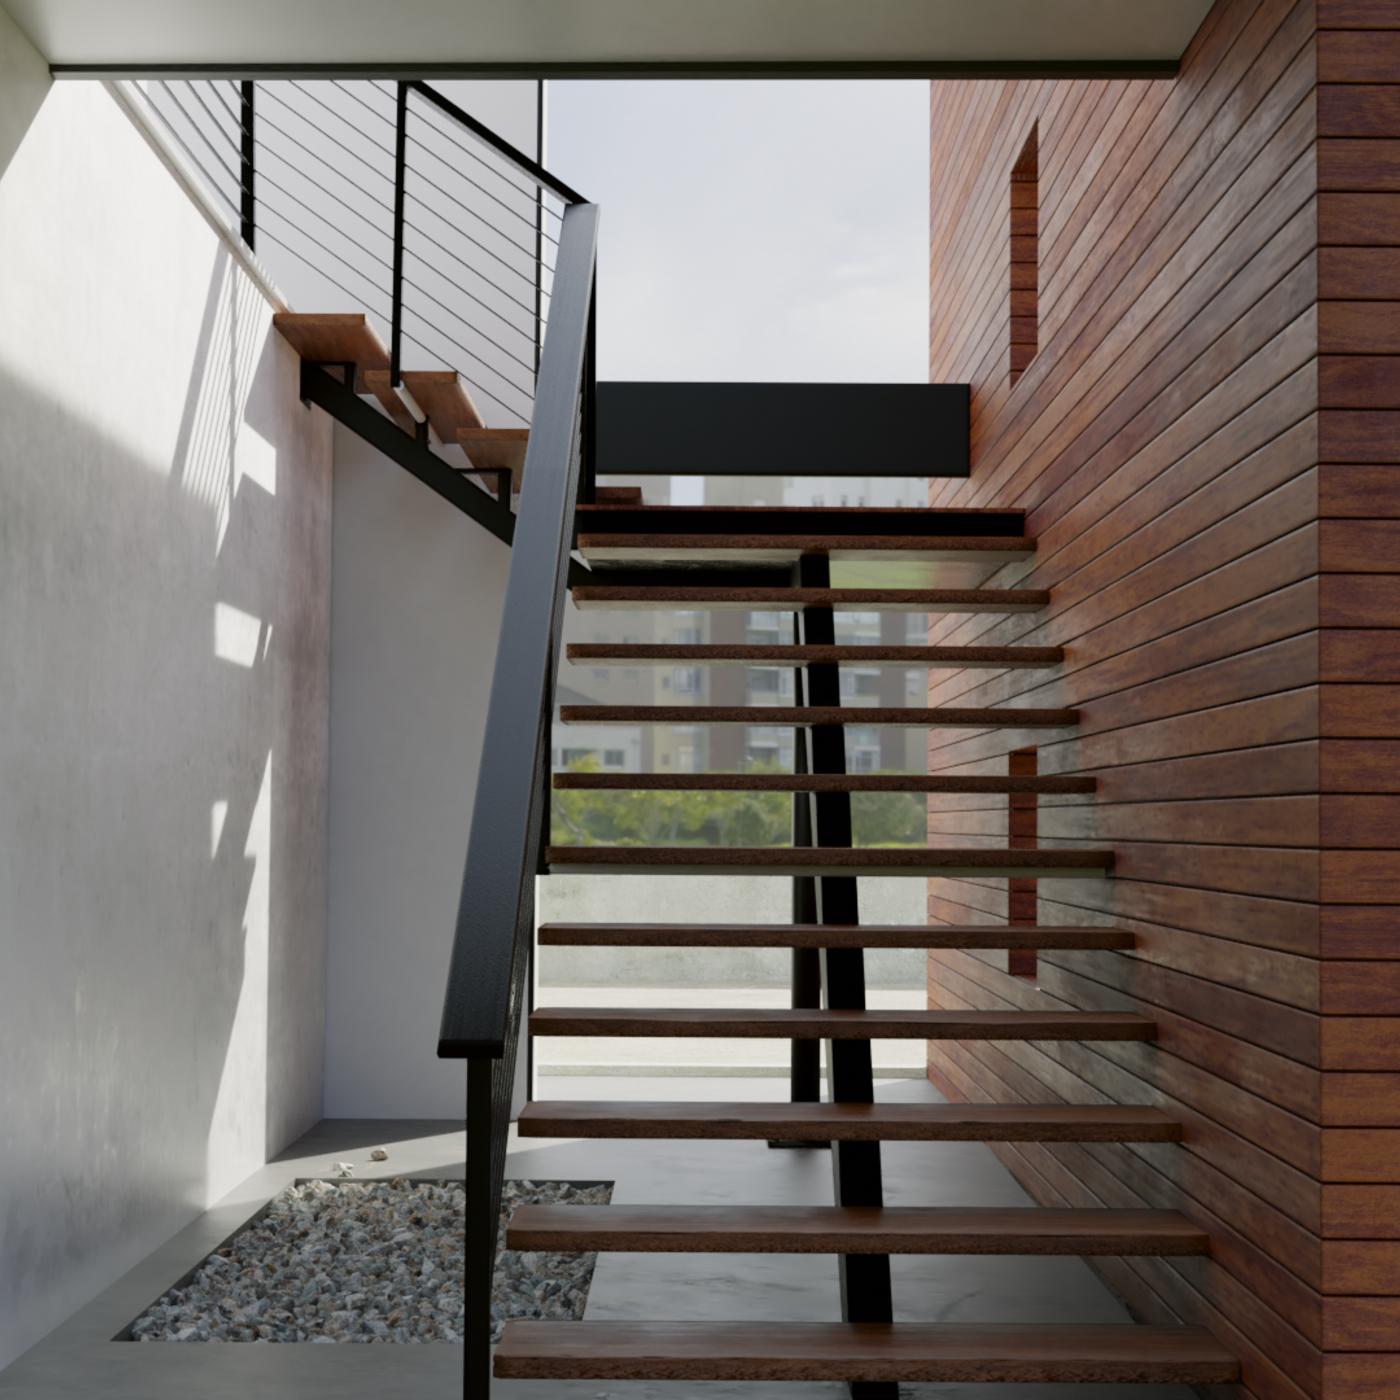 Exterior Stair render